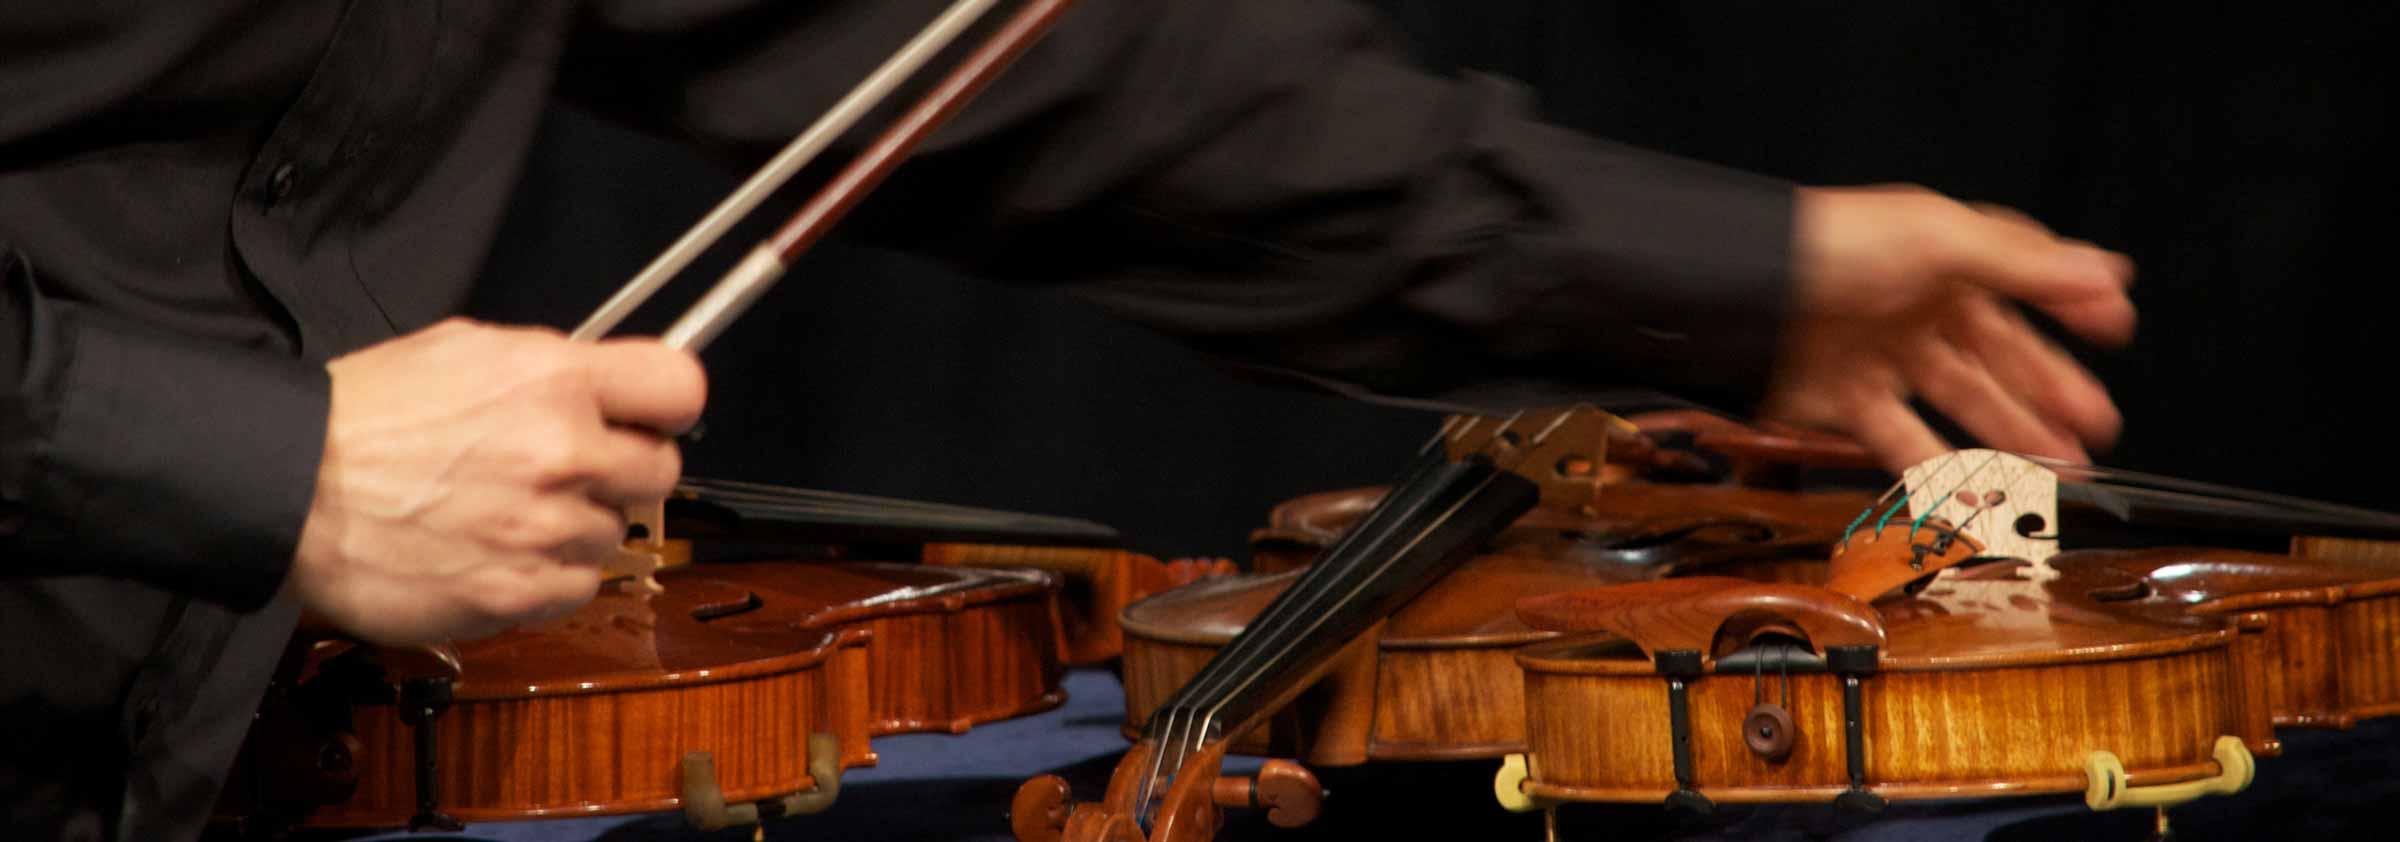 mann greift zu einer Geige